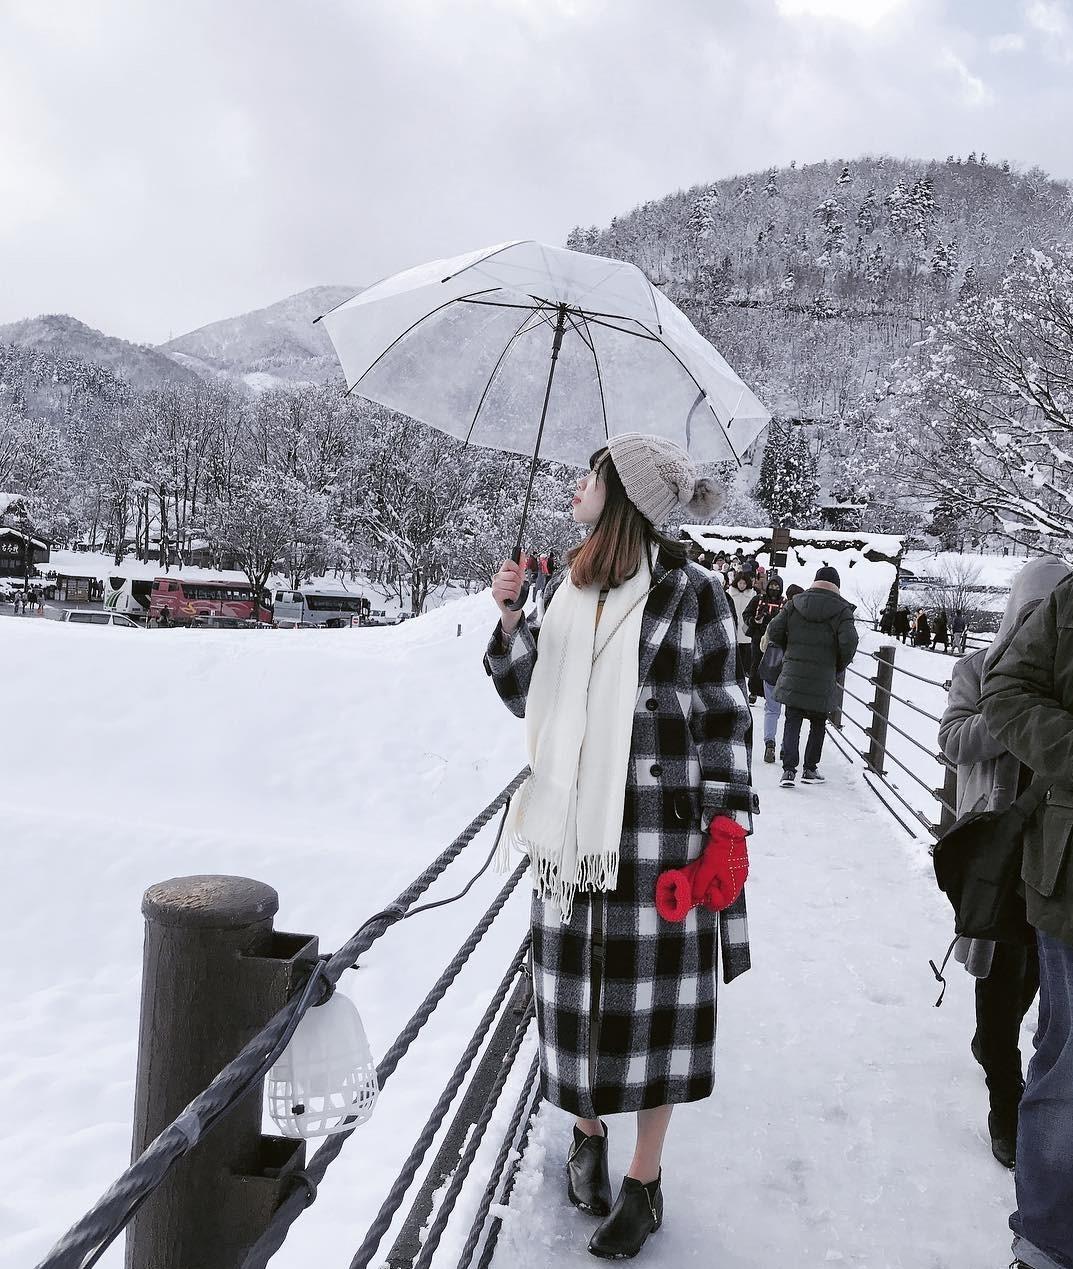 Giới trẻ say sưa tạo dáng với tuyết ở làng cổ tích Nhật Bản - ảnh 6